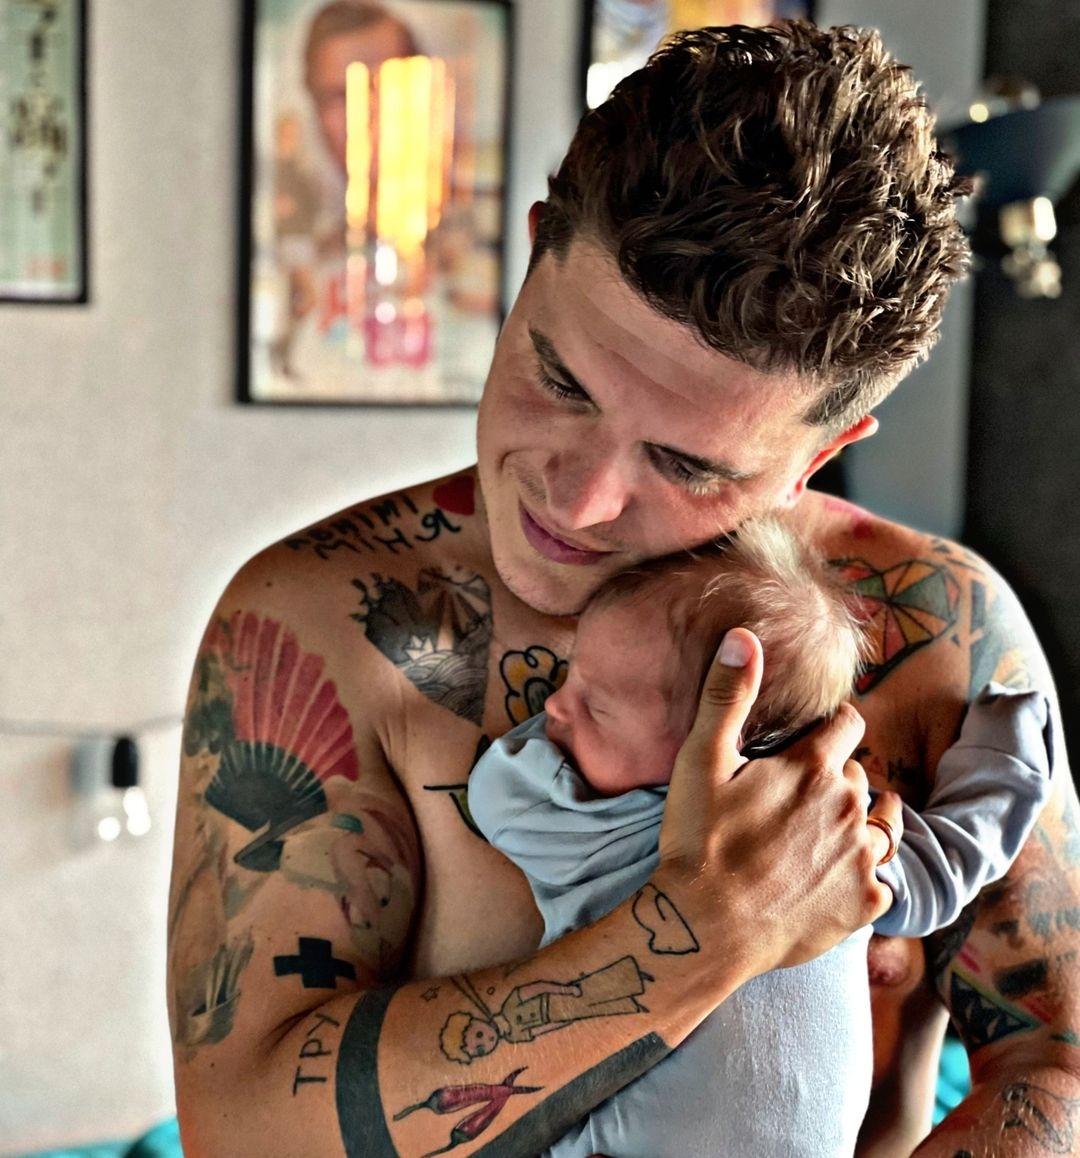 Отцовская любовь: Анатолий Анатолич сделал две тату в честь новорожденного сына Нила (ФОТО) - фото №2